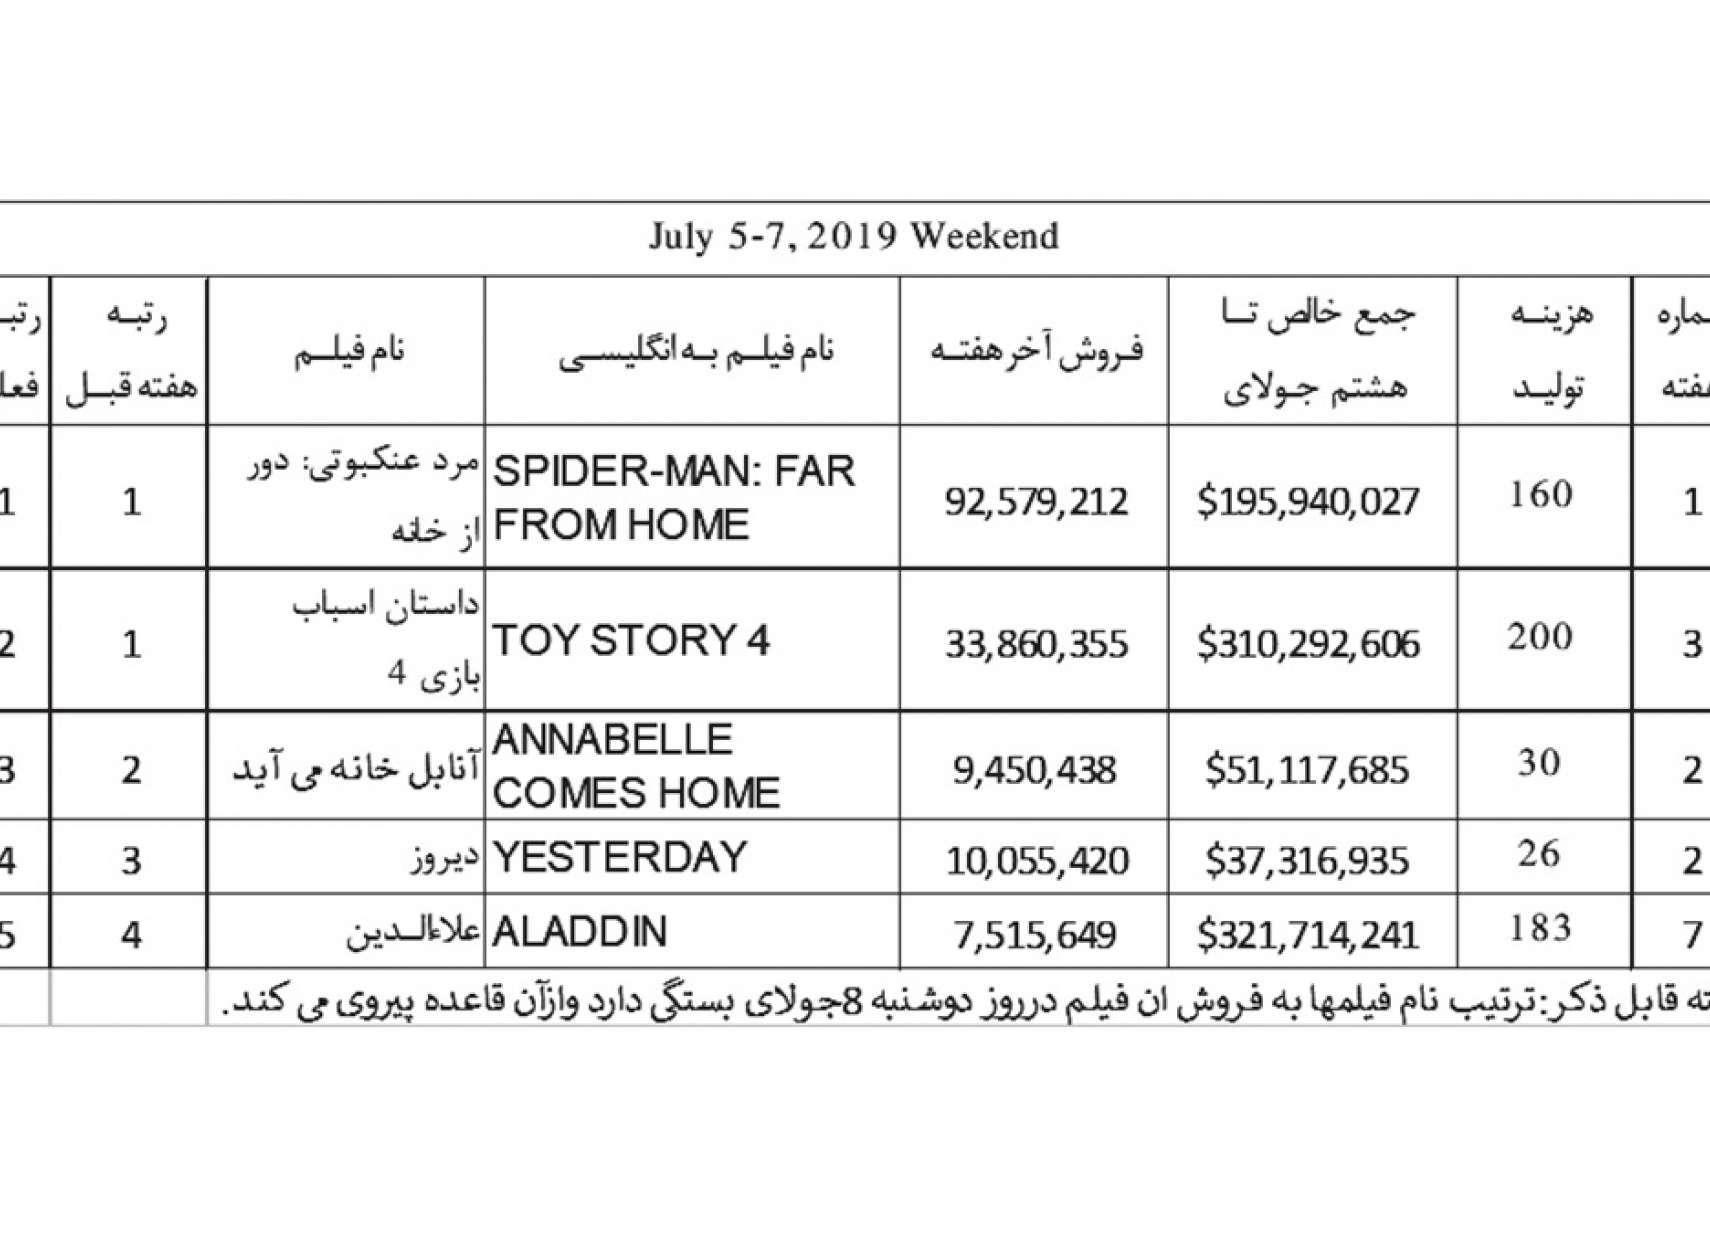 فیلم-ناظمزاده-فیلمهایی-که-19-جولای-به-سینما-میآیند